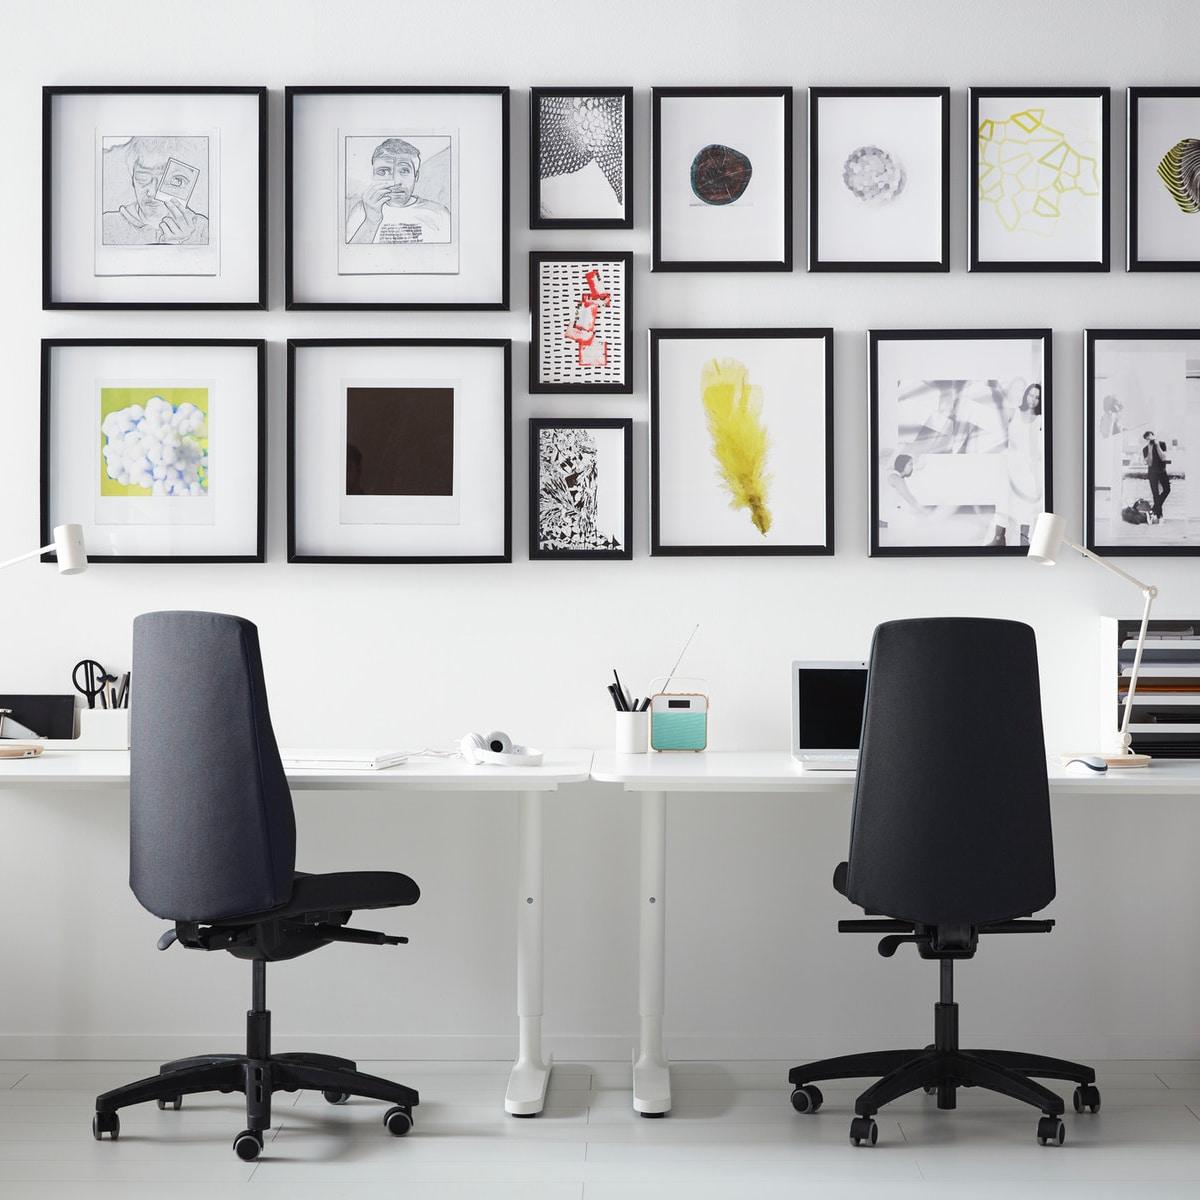 Интерьер кабинета с коллажом на стене 5